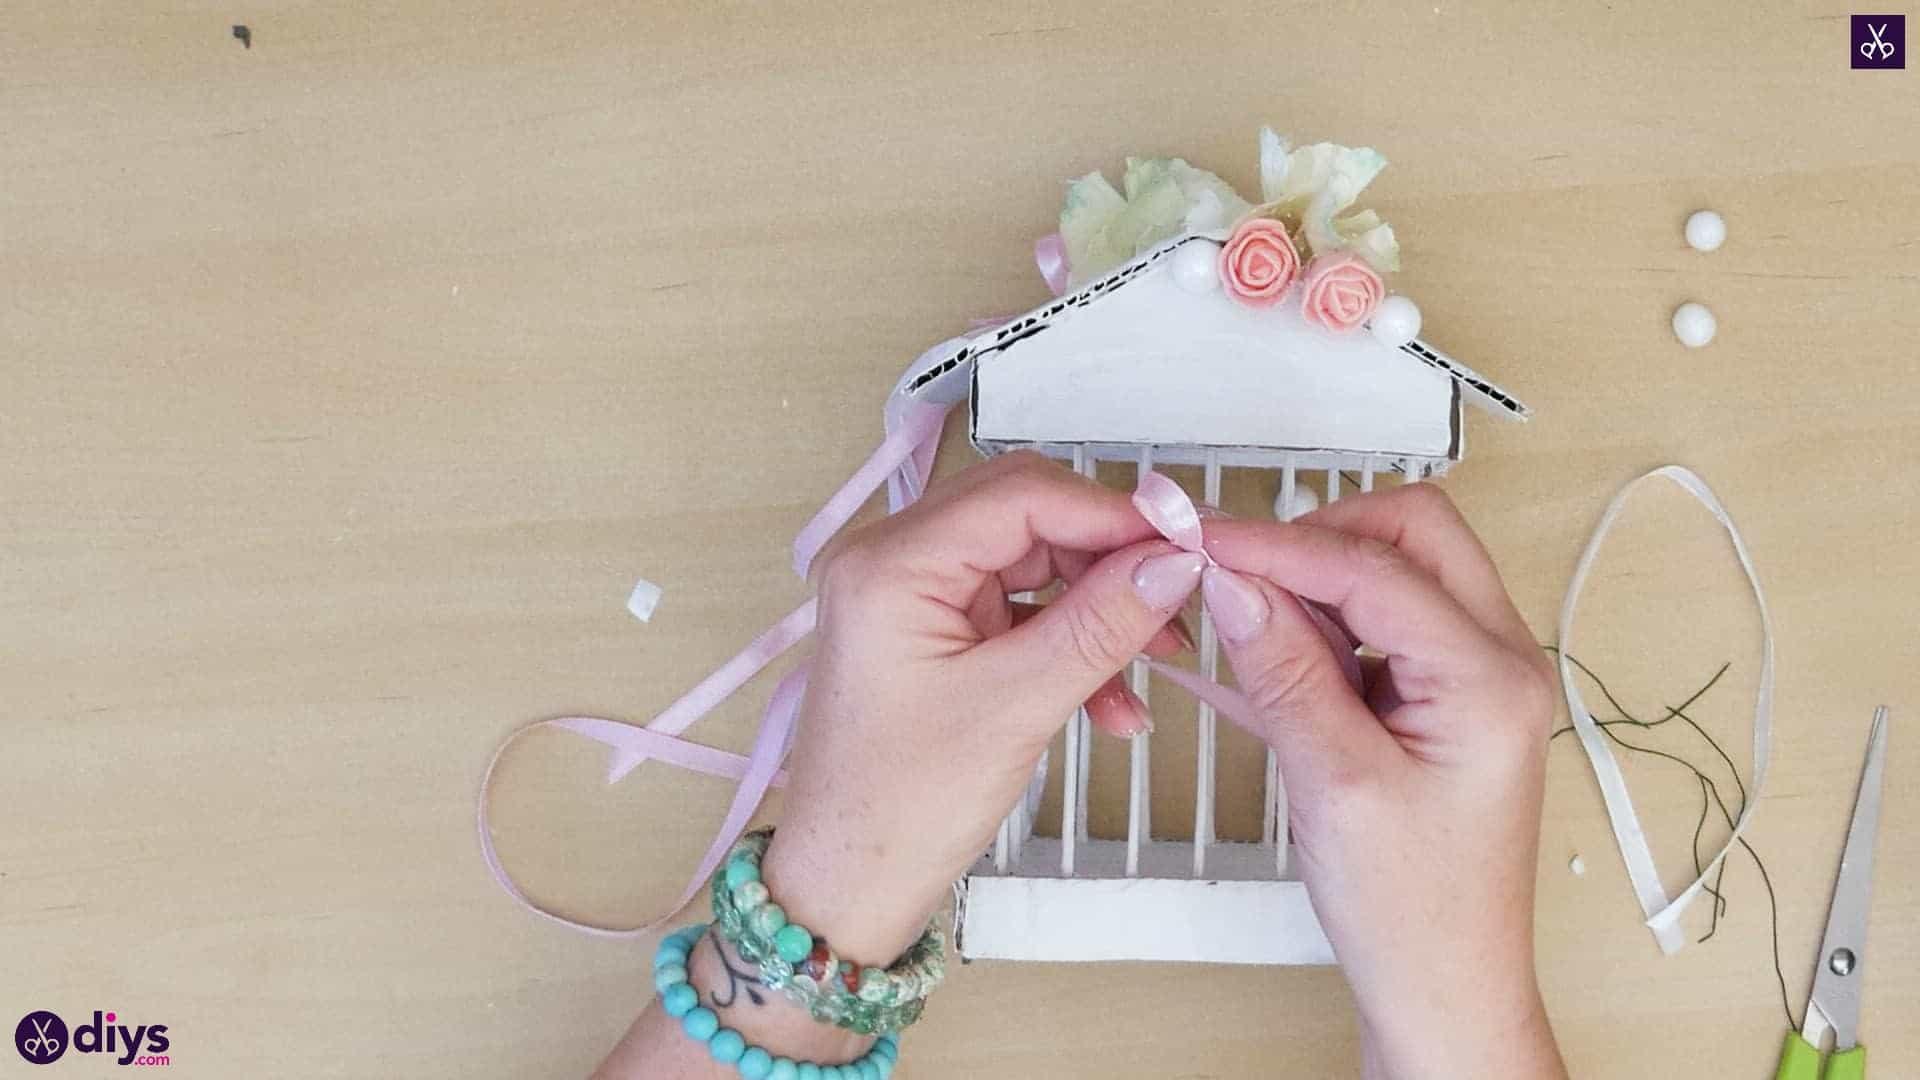 Diy miniature cage centerpiece step 10j